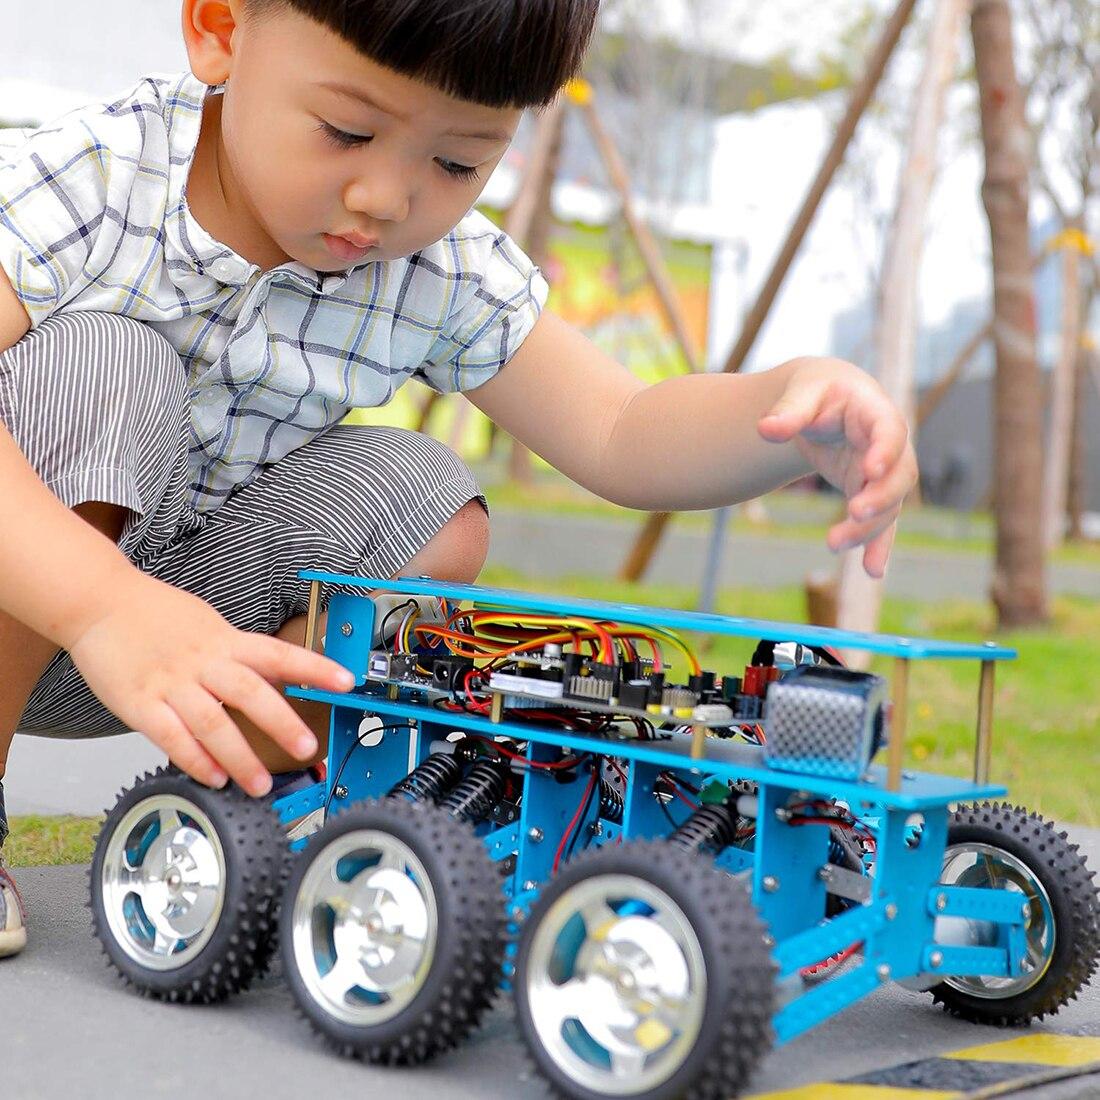 Criativo 6WD Off-Road Carro Robô Com Câmera Para Arduino UNO Kit DIY Robô Para A Programação Inteligente Educação E aprendizagem